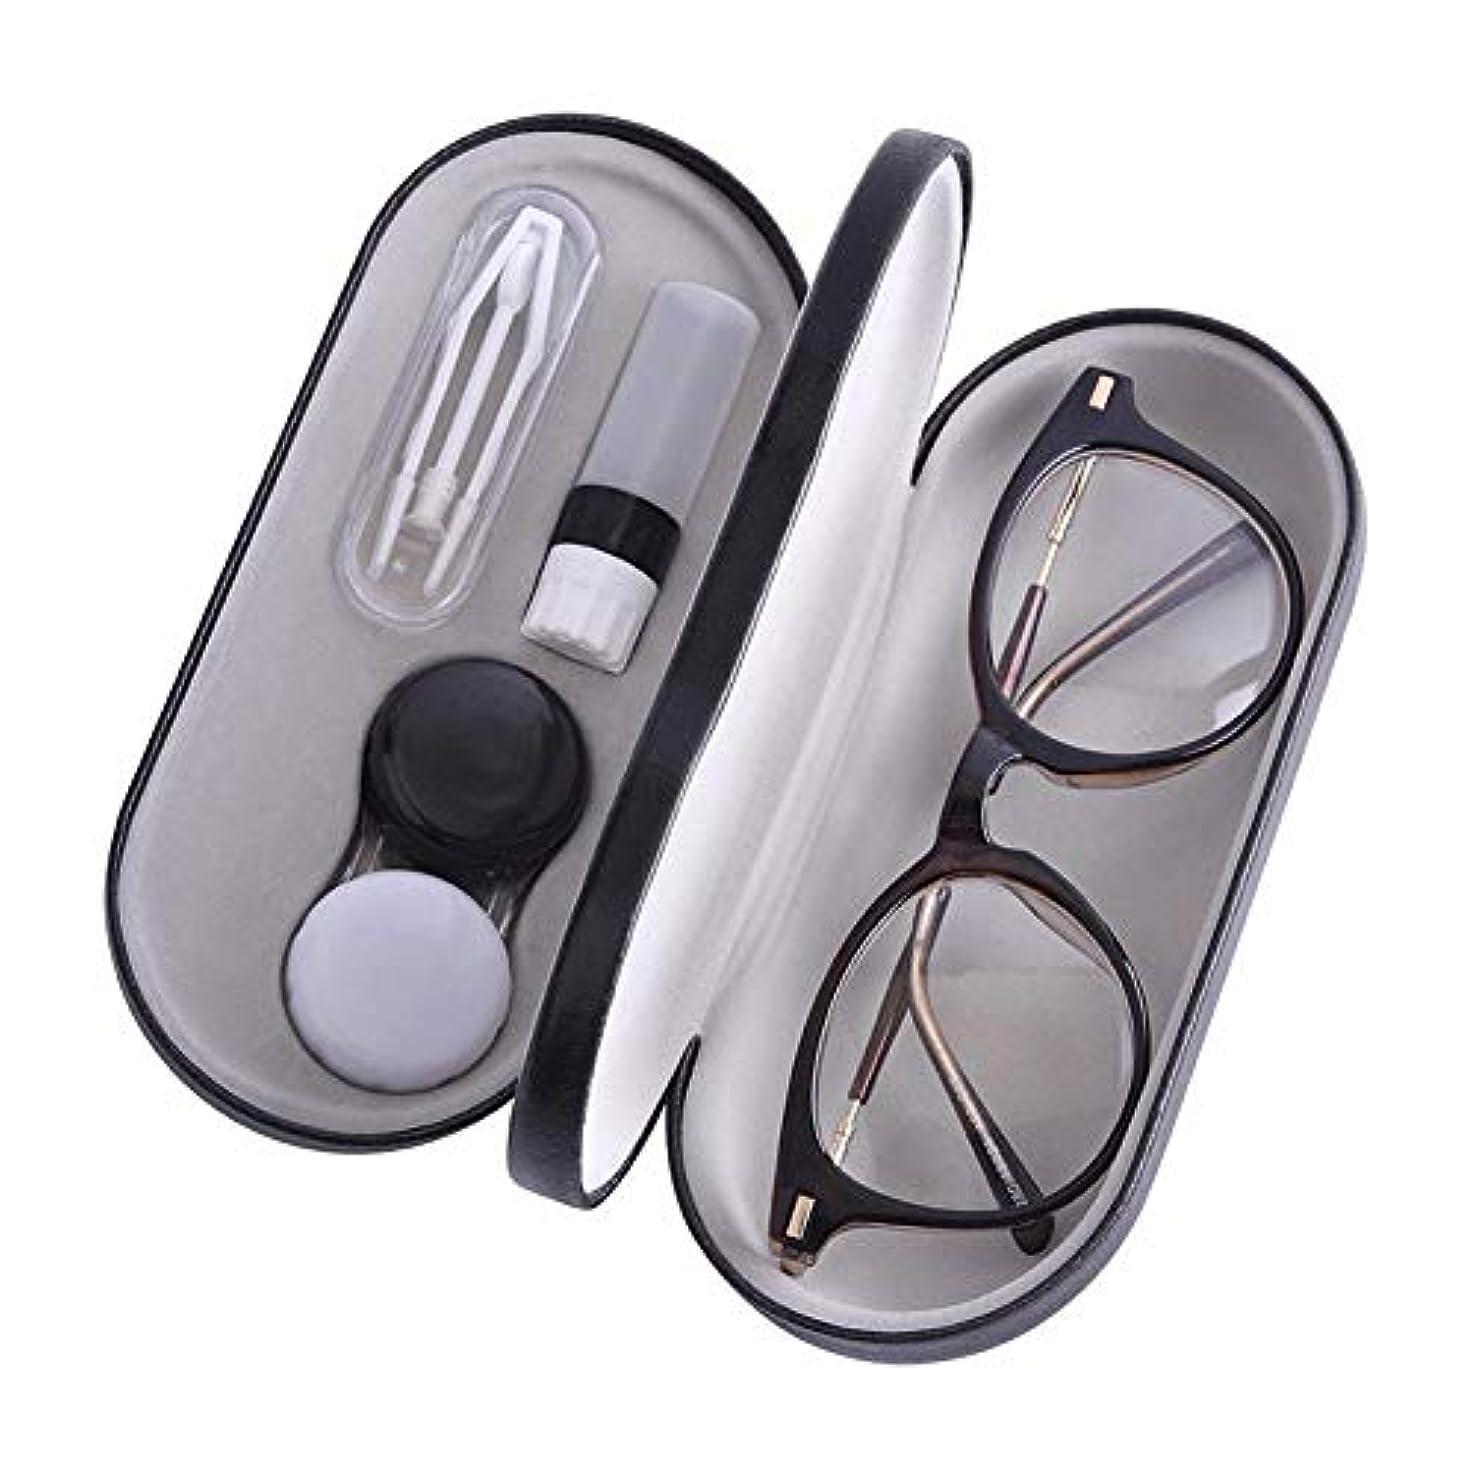 手荷物変化既にコンタクトレンズケーストラベルホームイノベーション両面メガネ収納ボックストラベルセットボックス携帯しやすいミニボックスコンテナコンタクトレンズフレーム